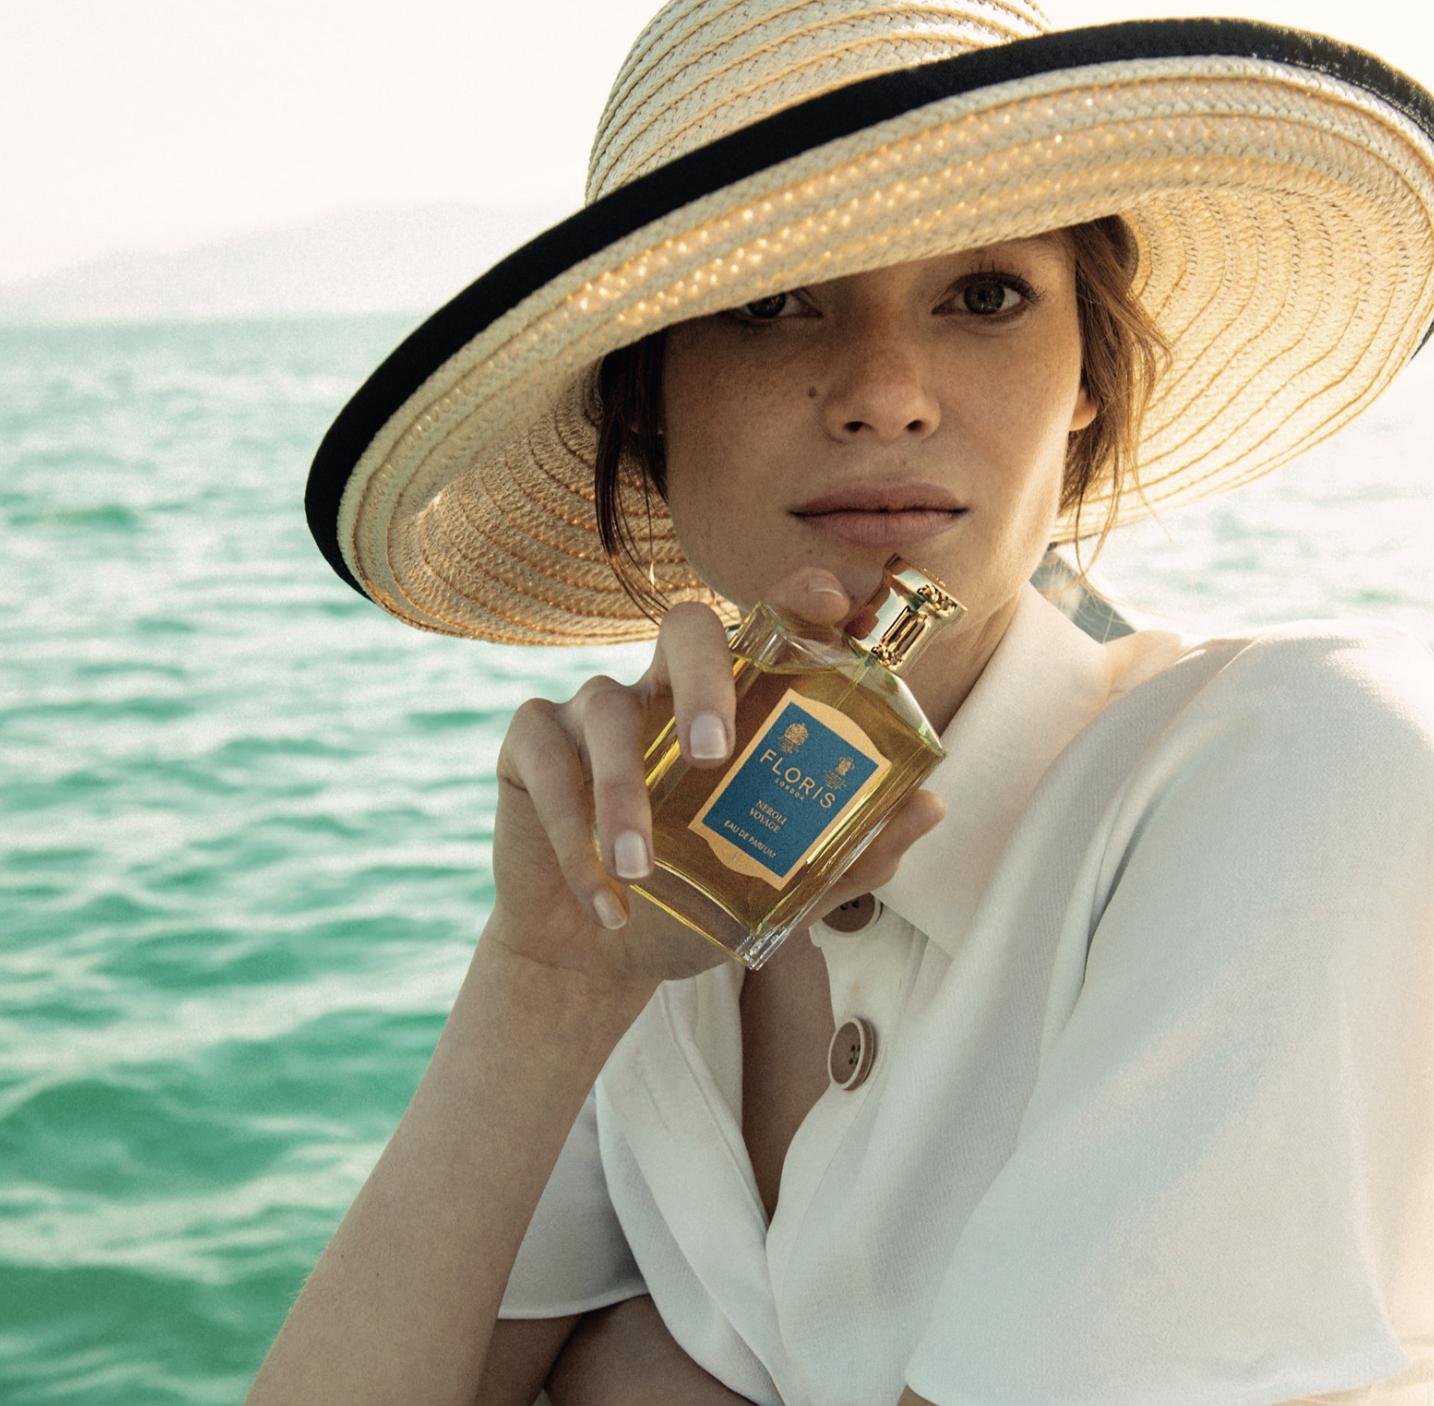 AMERIKAS | Fragrance, Perfume, Health & Beauty Distributor USA